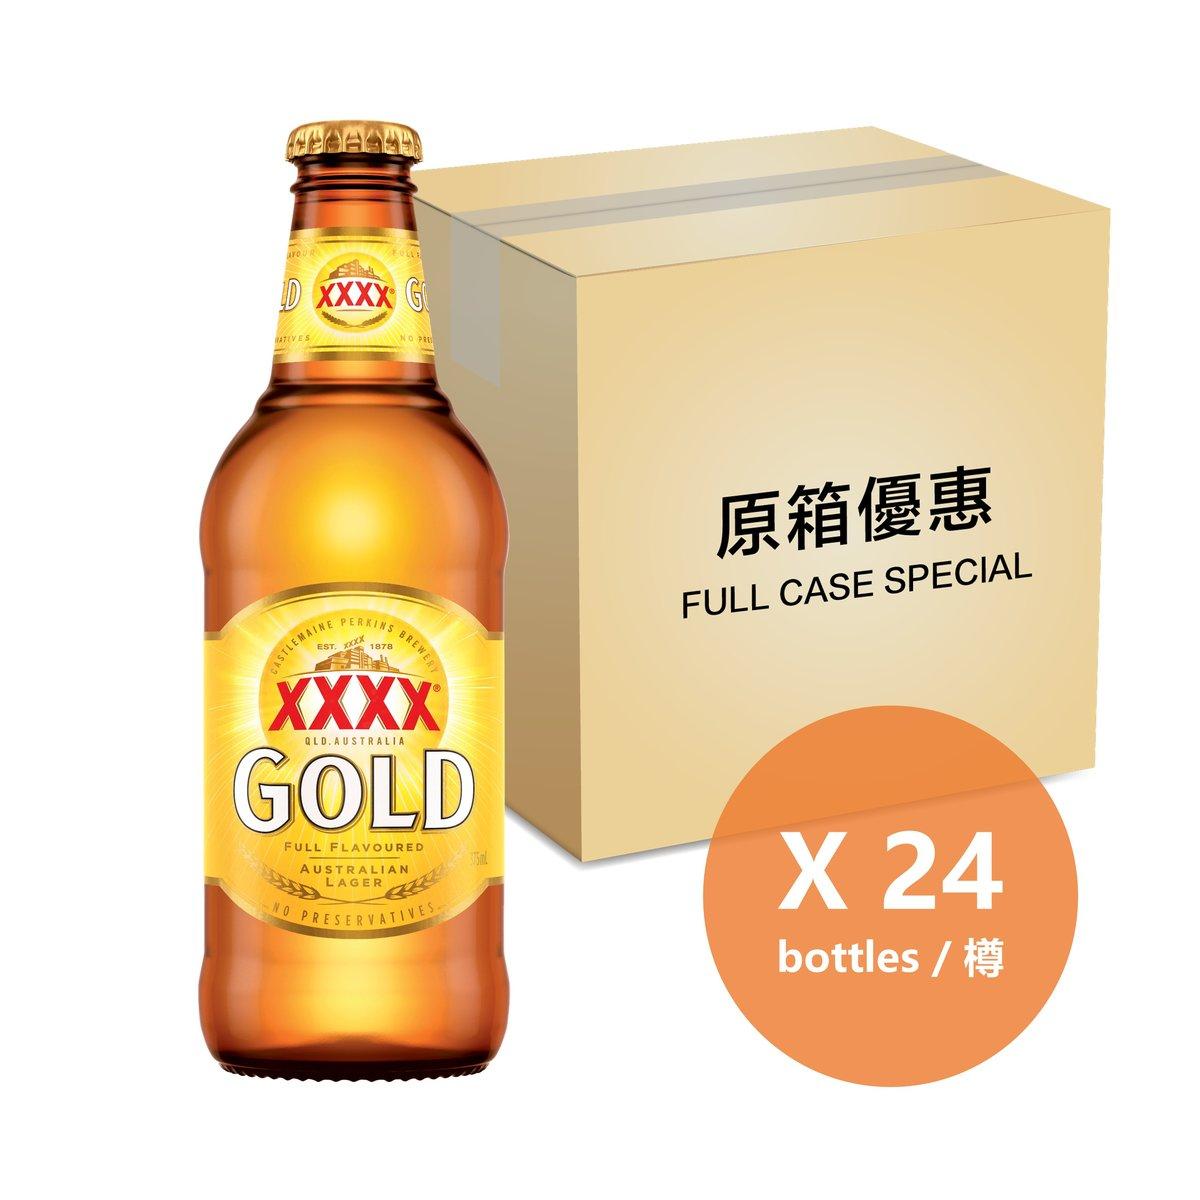 [Full Case] Gold Lager - 375ml Bottle